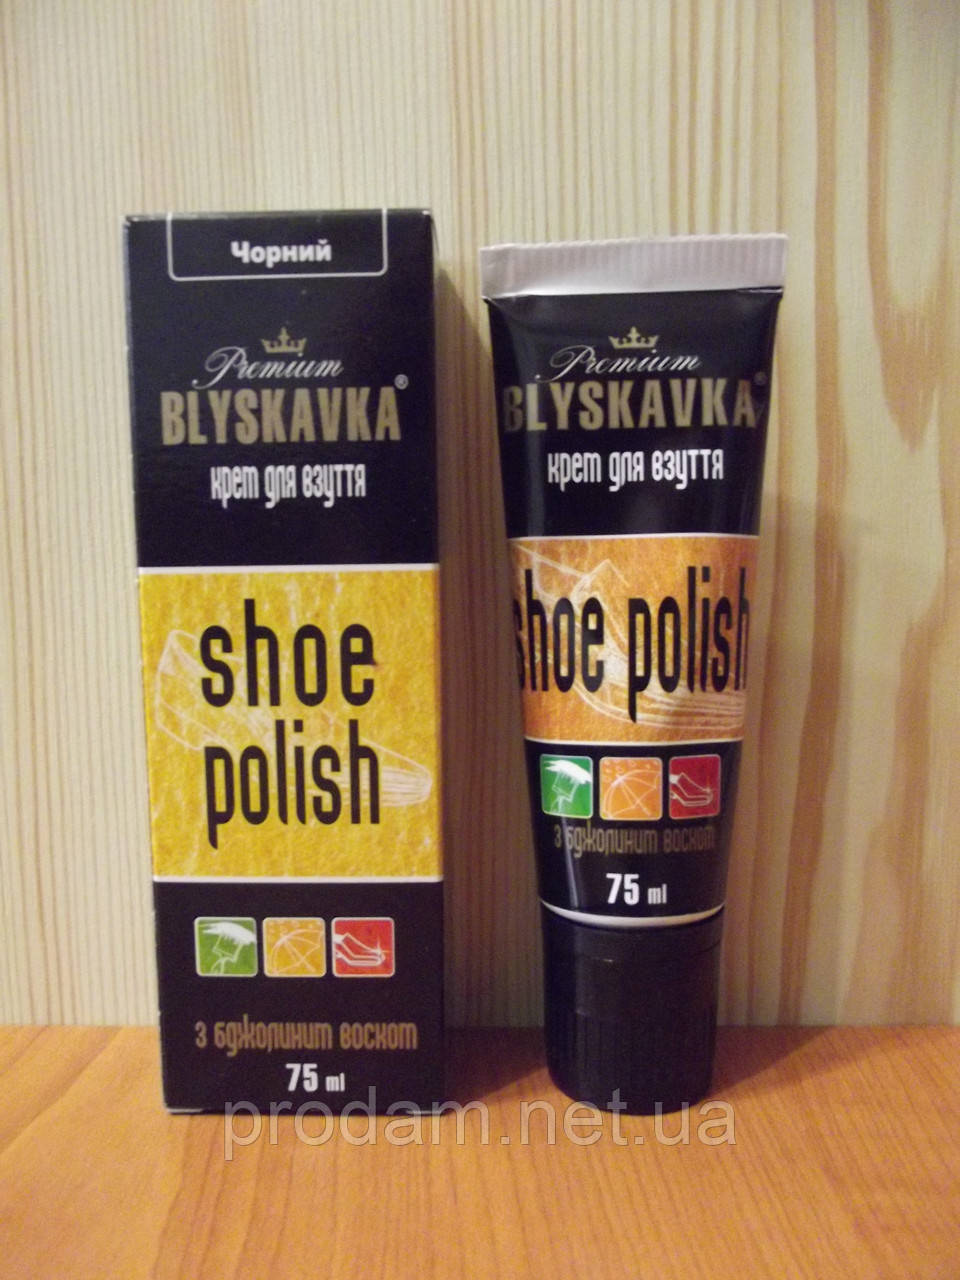 Крем для обуви BLYSKAVKA 75мл с гукой бежевый